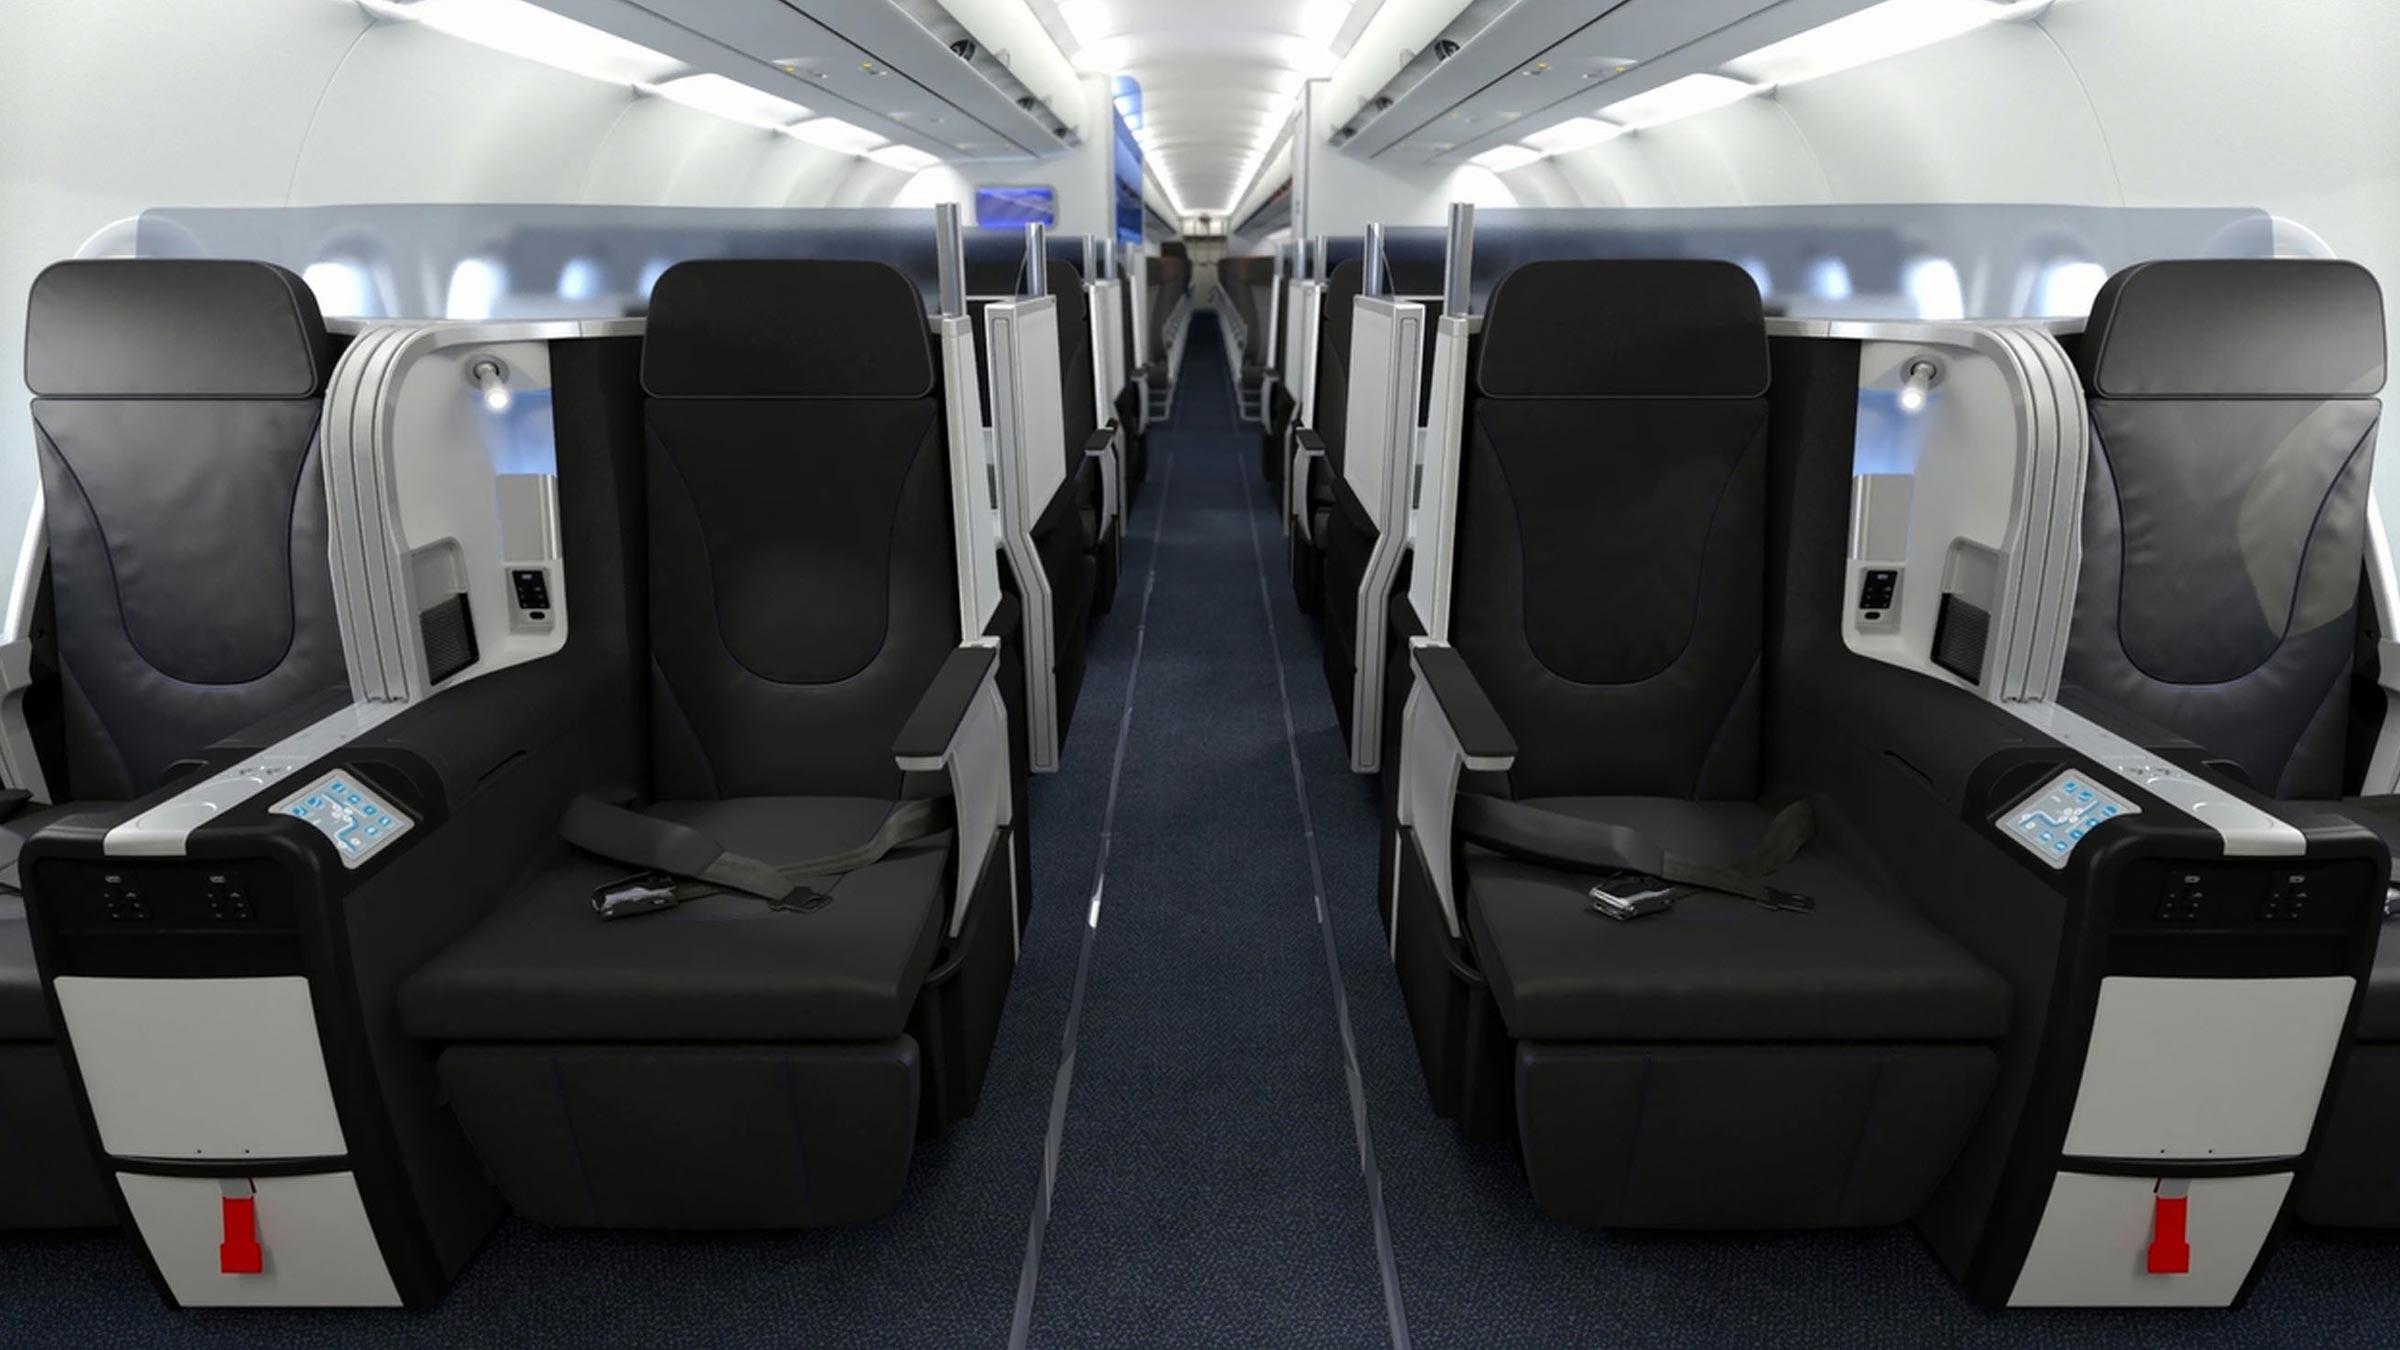 jet-blue-business-class-cabin